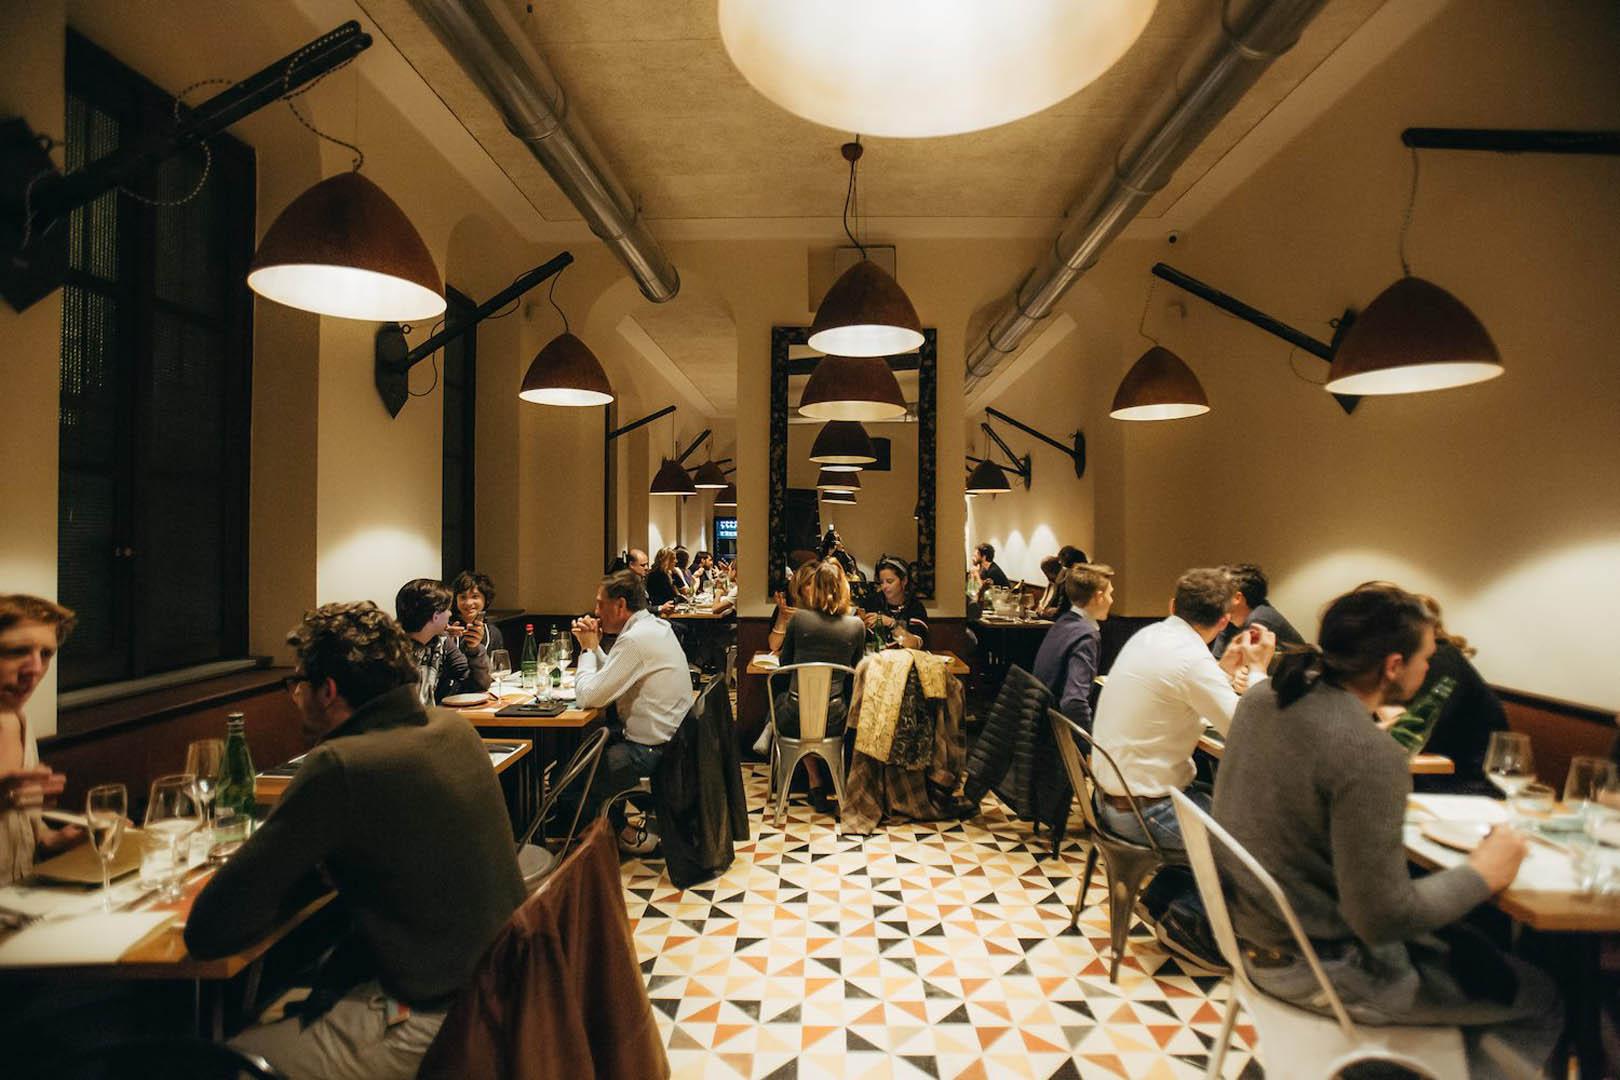 Le_Migliori_pizzerie_Milano